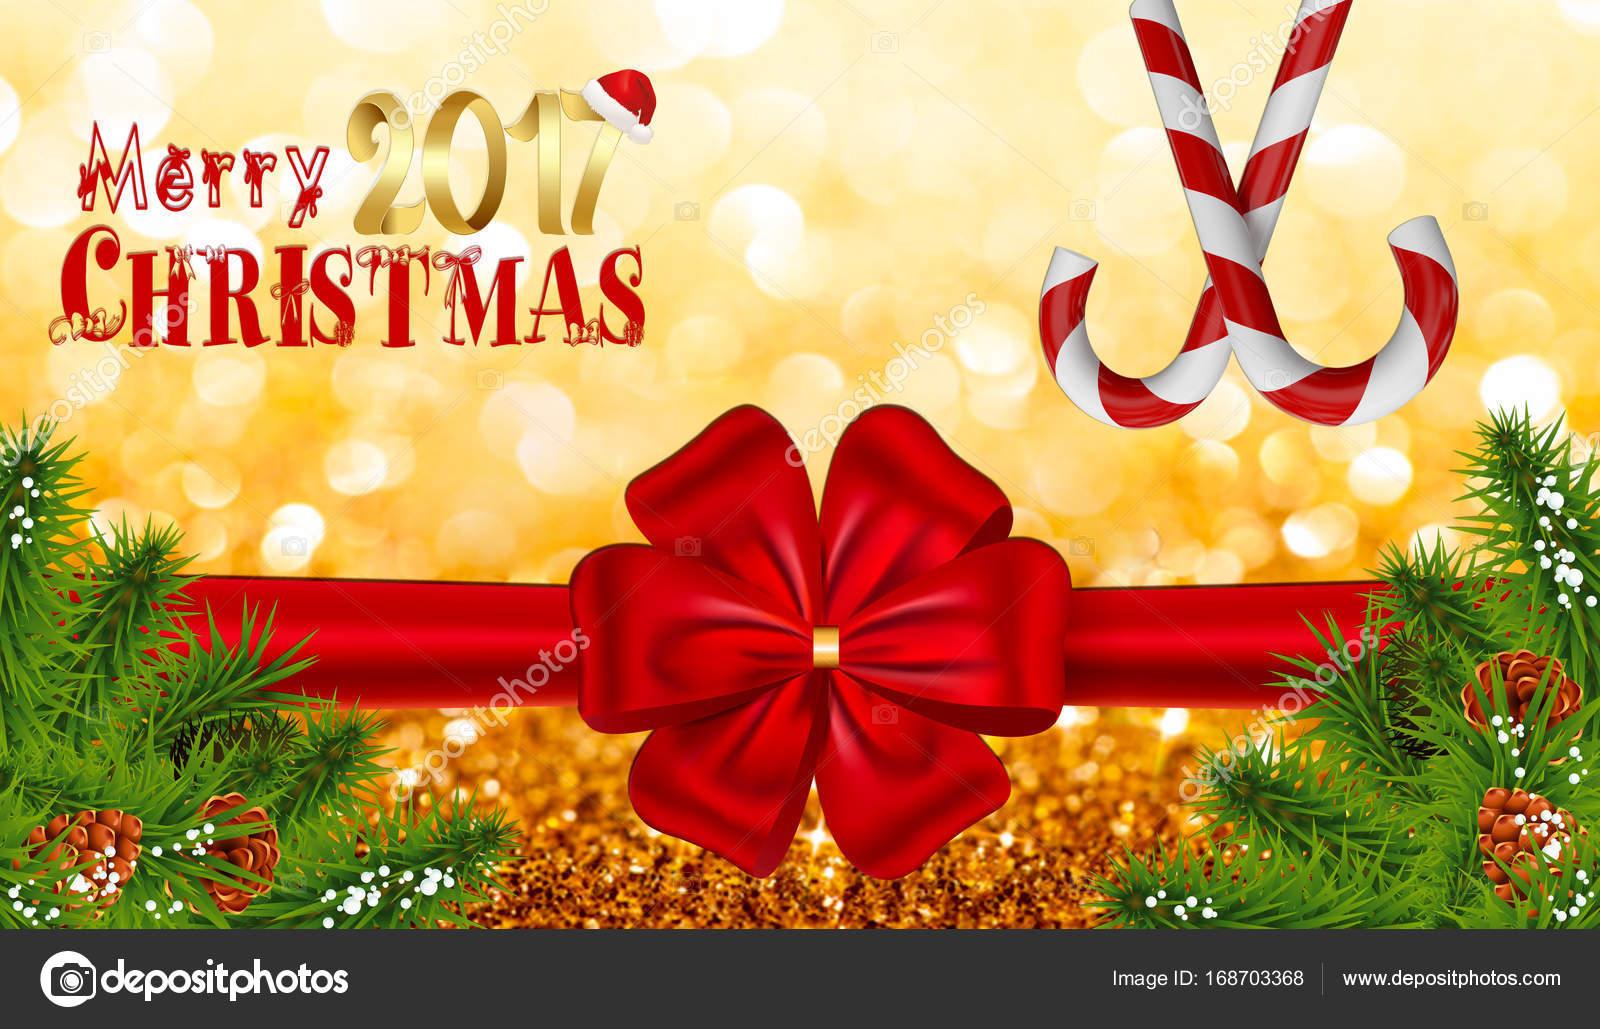 Frohe Weihnachten Text Karte.Frohe Weihnachten Text Karte Mit Bokeh Hintergrund